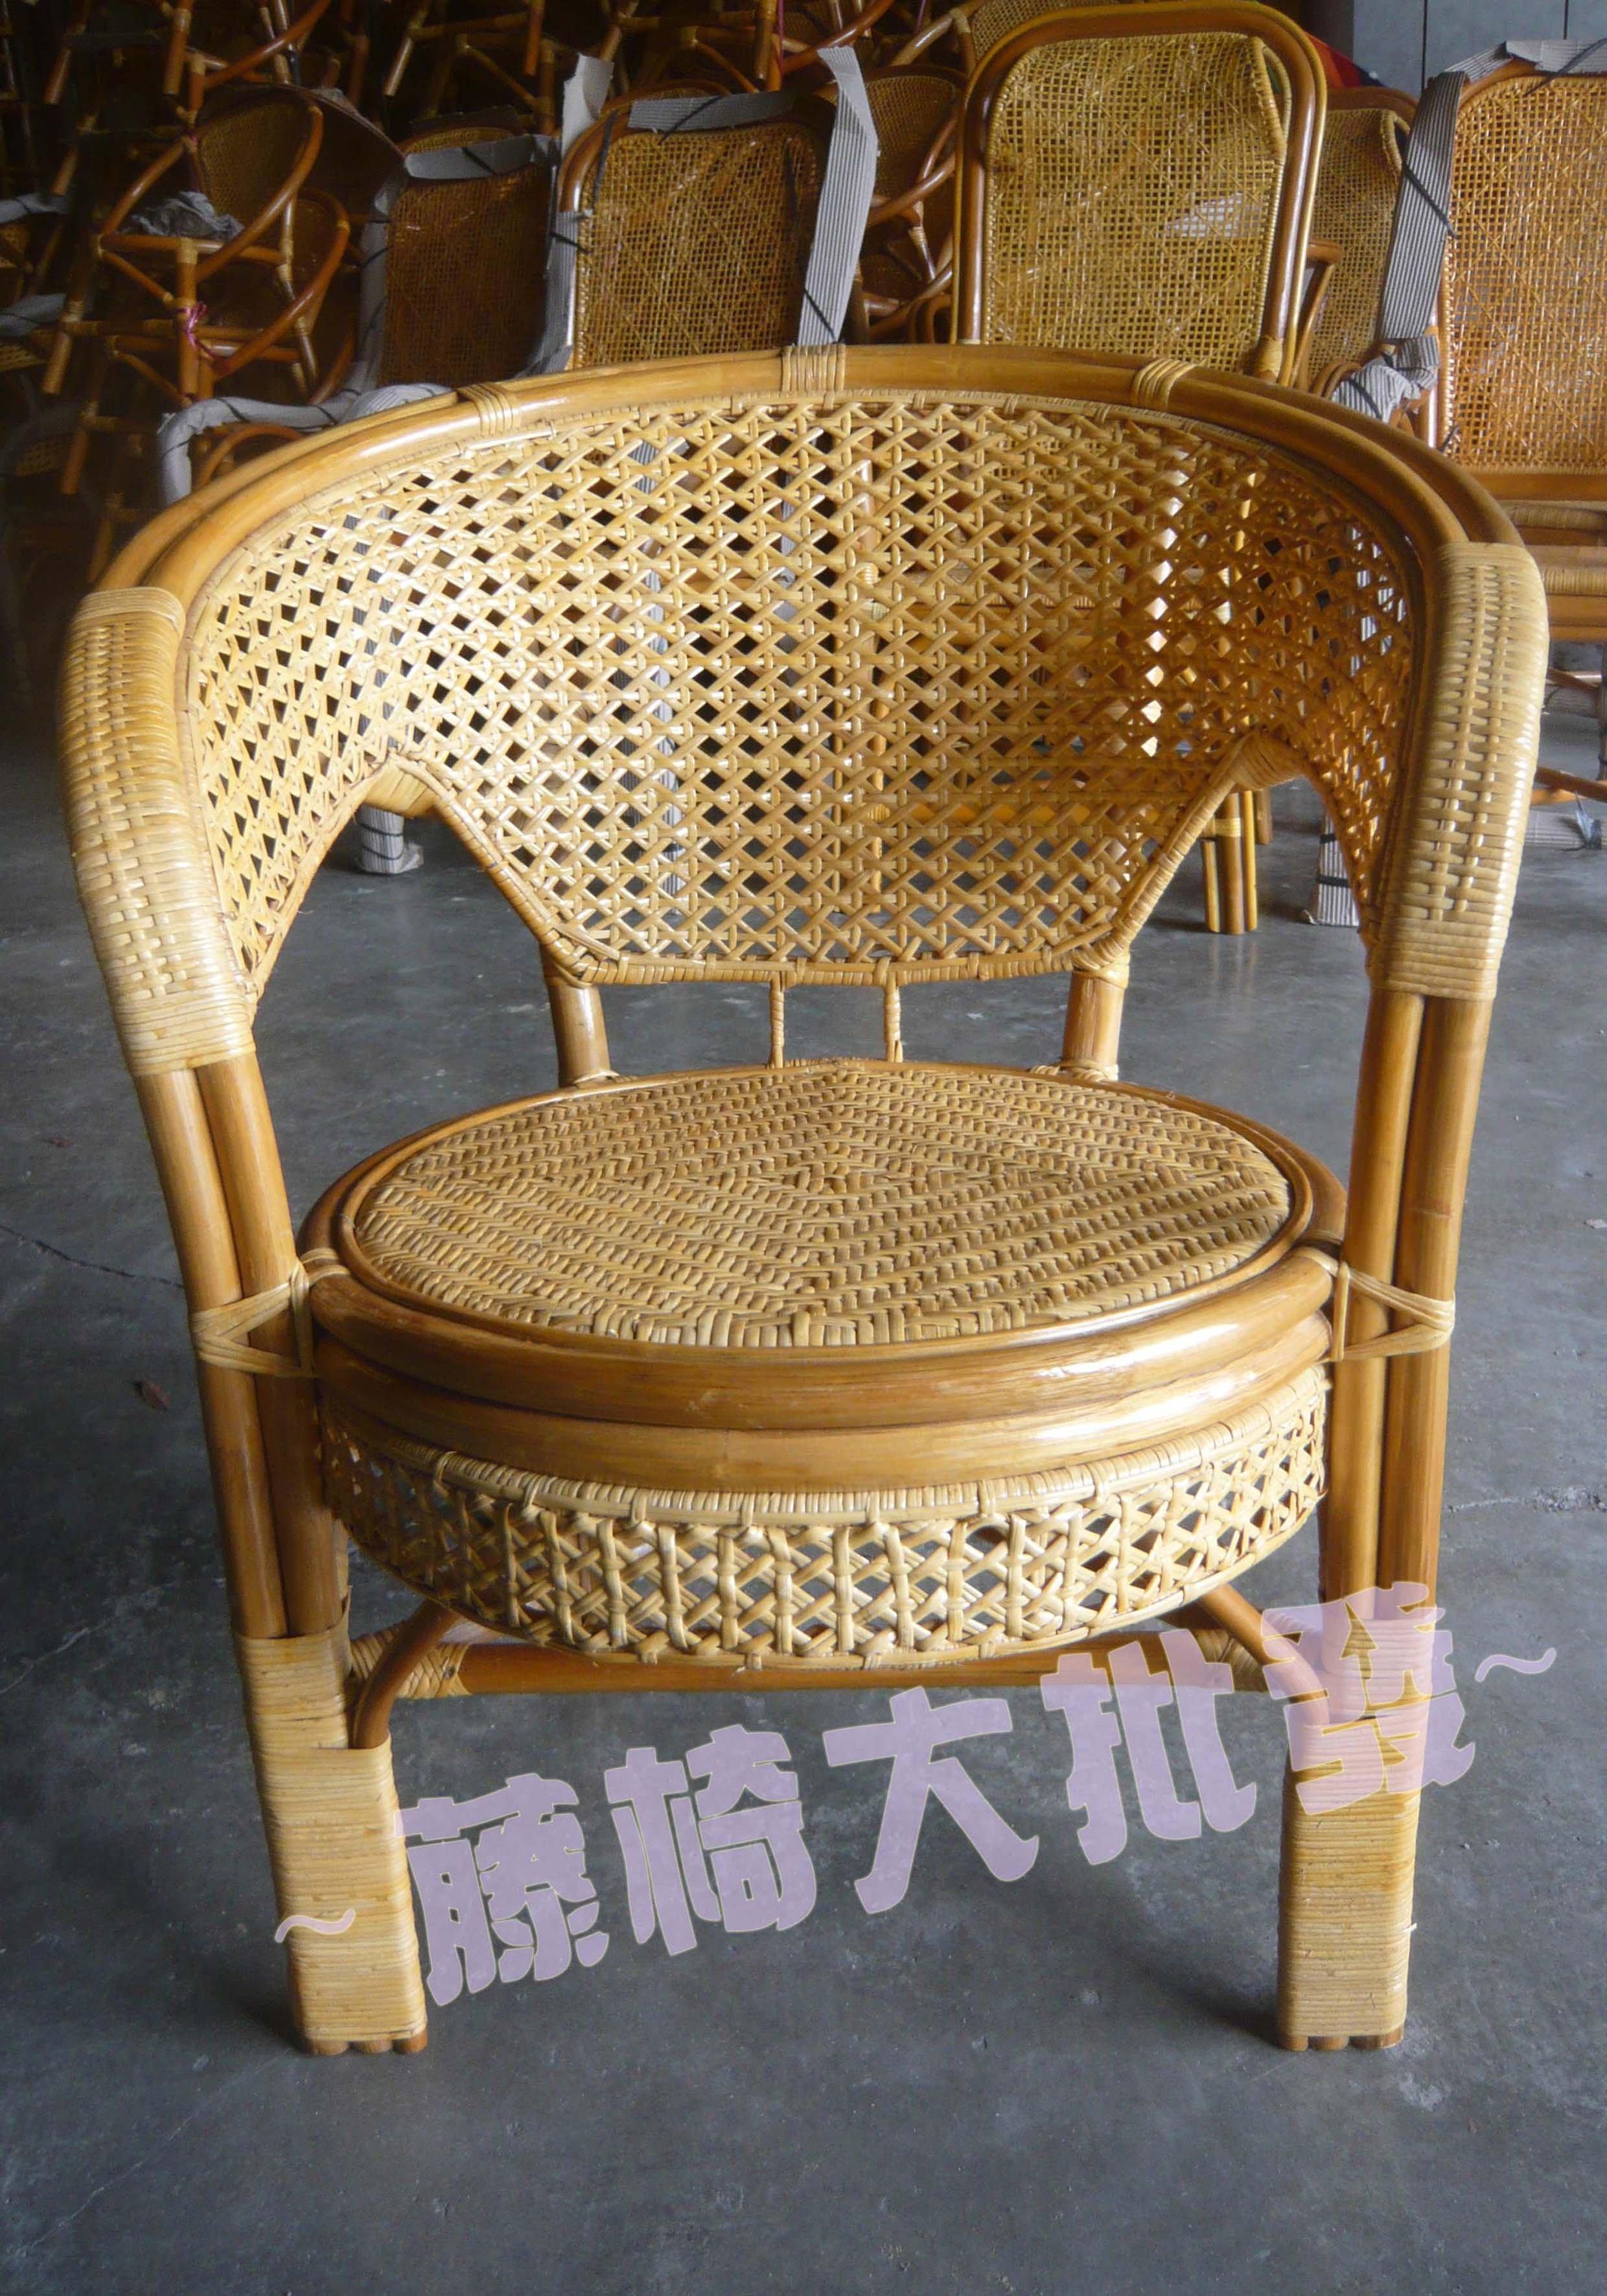 【藤椅批發零售】藤椅-籐椅-蘋果椅-泡茶椅-房間椅-餐椅-客廳椅-工廠直營團購更優惠